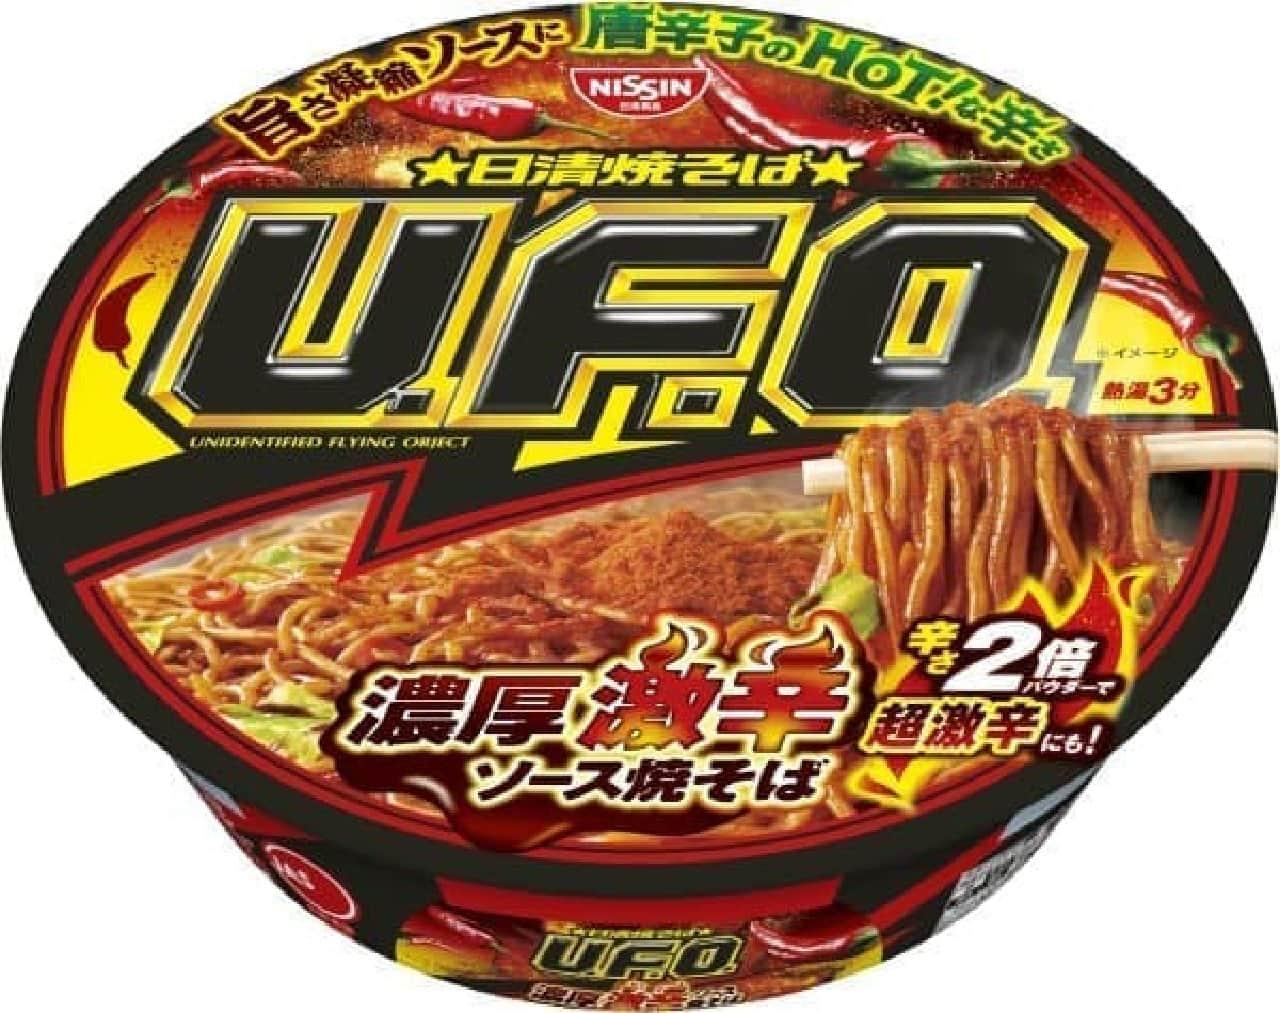 日清食品「日清焼そばU.F.O. 濃厚激辛ソース焼そば」